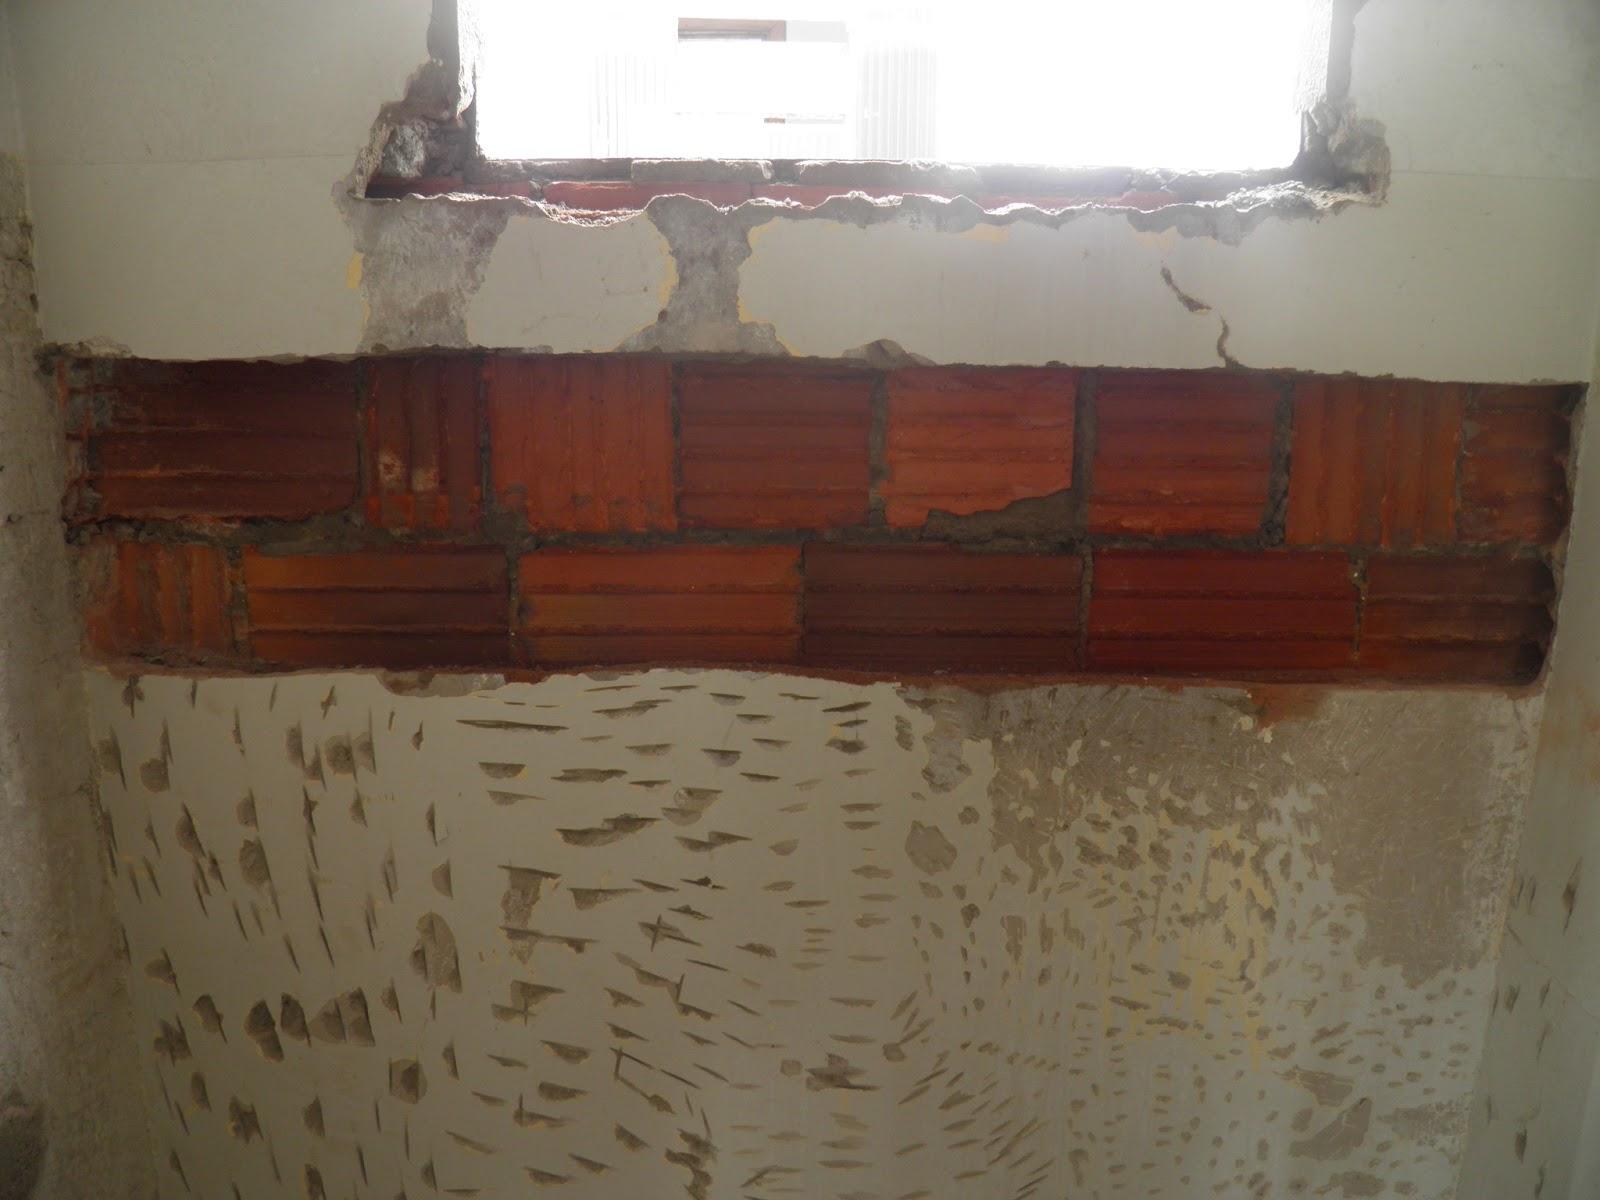 sonho com cimento de amor!: Inicio do revestimento: banheiro suite #442A1F 1600 1200